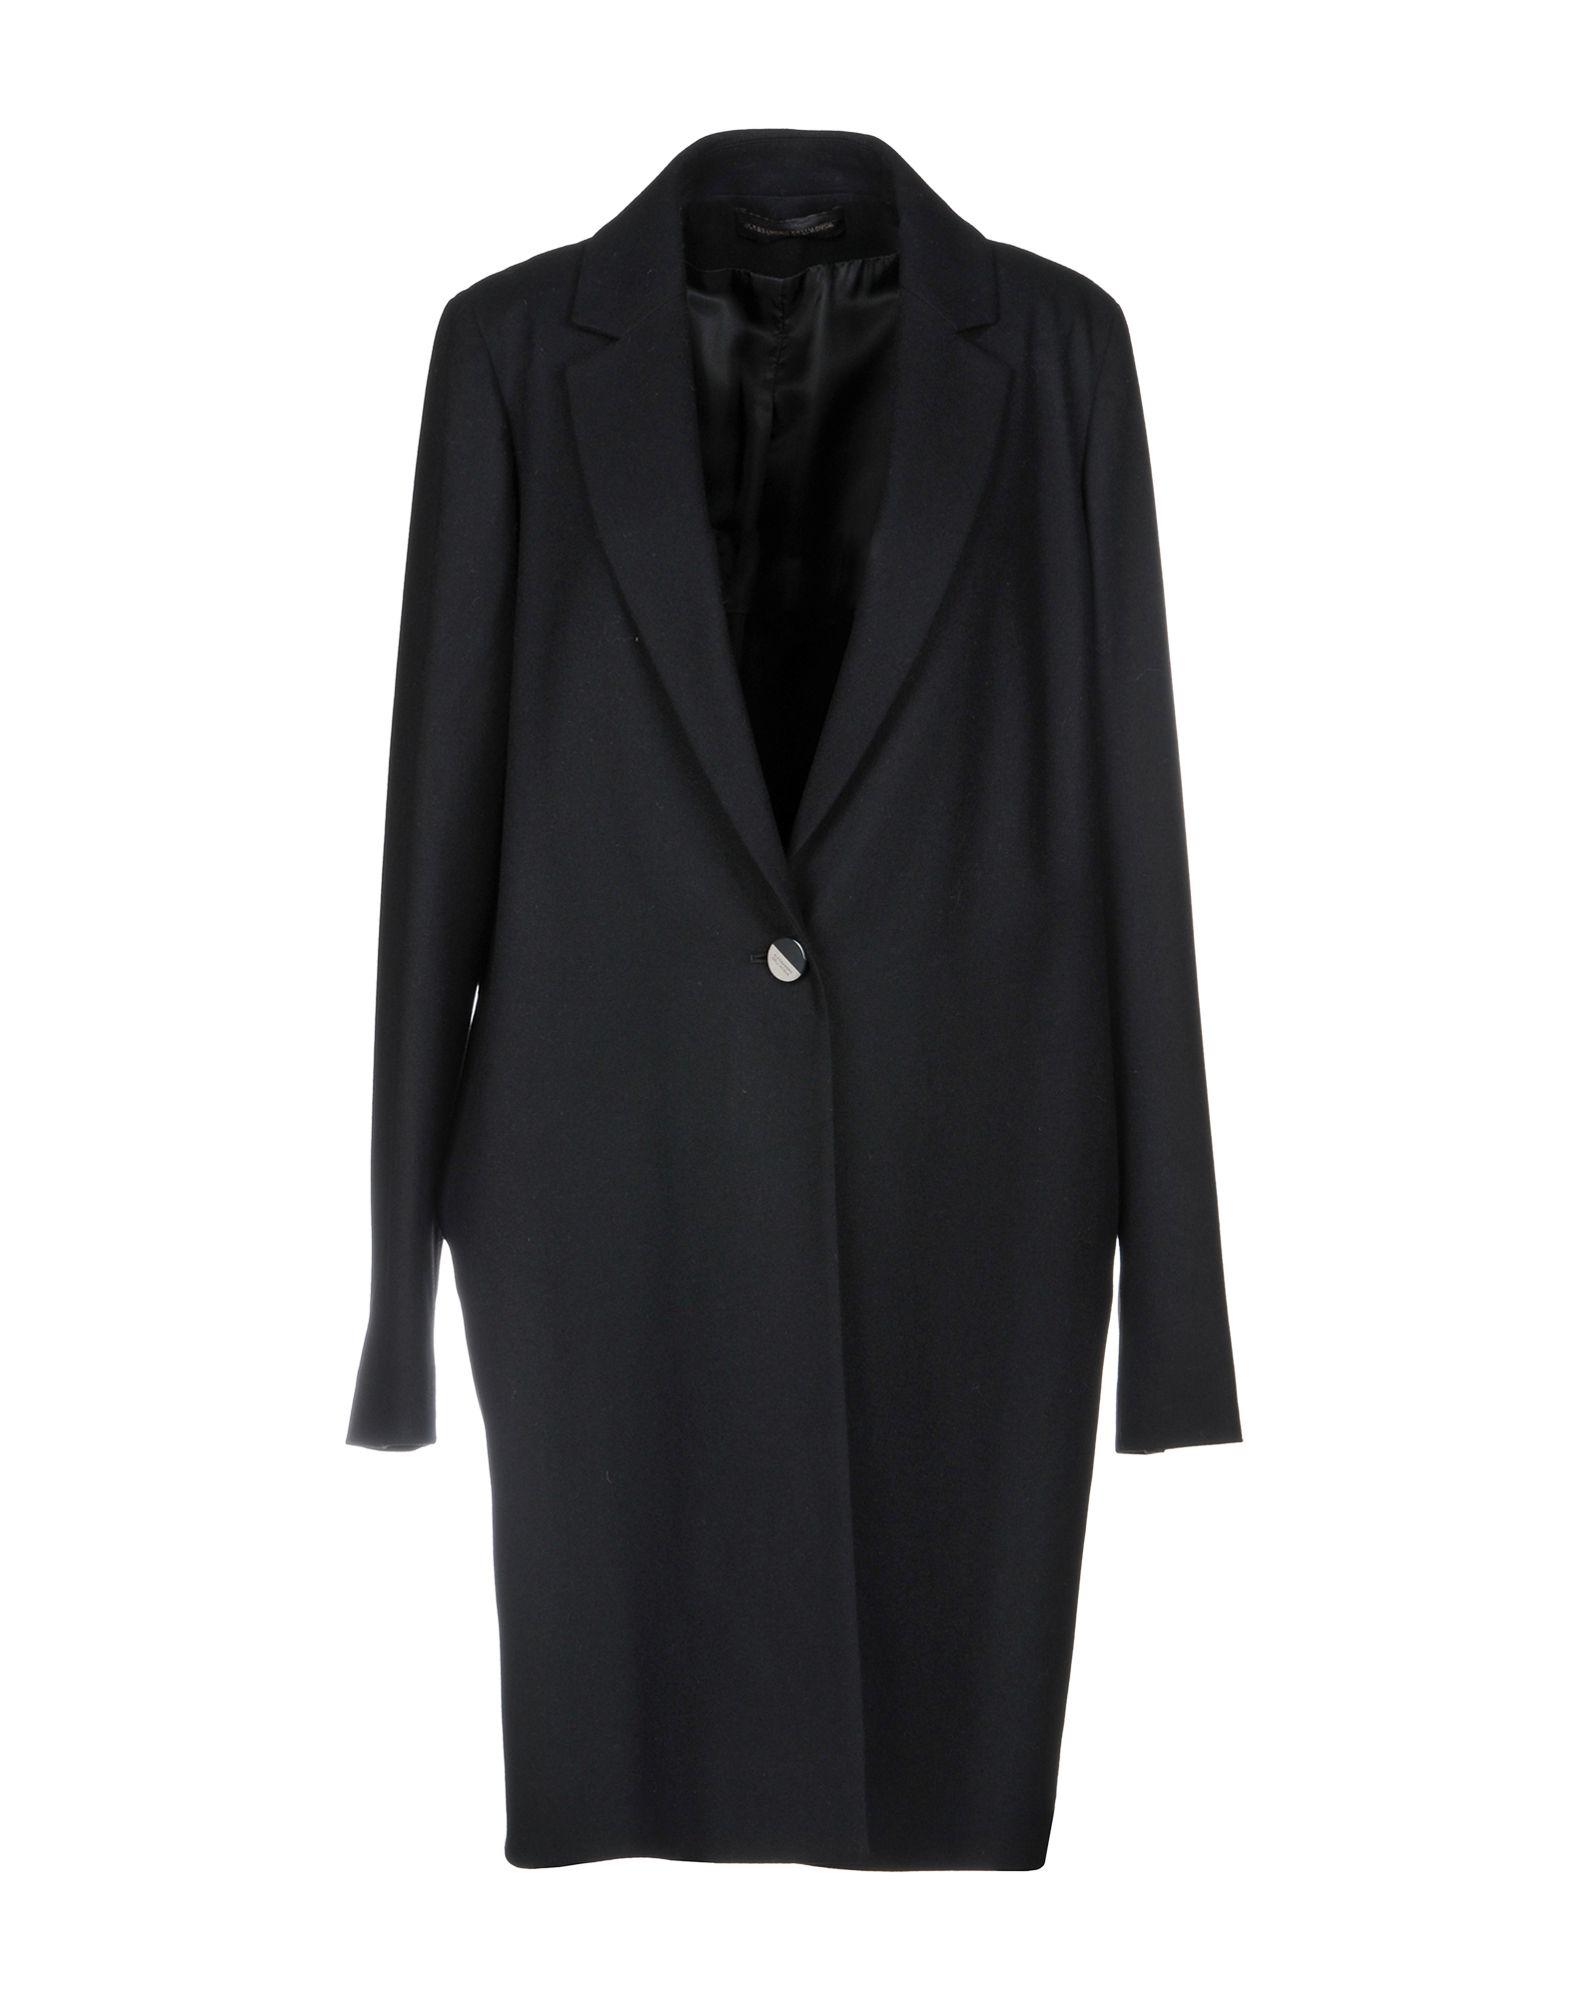 ALESSANDRO DELL'ACQUA Coat in Black